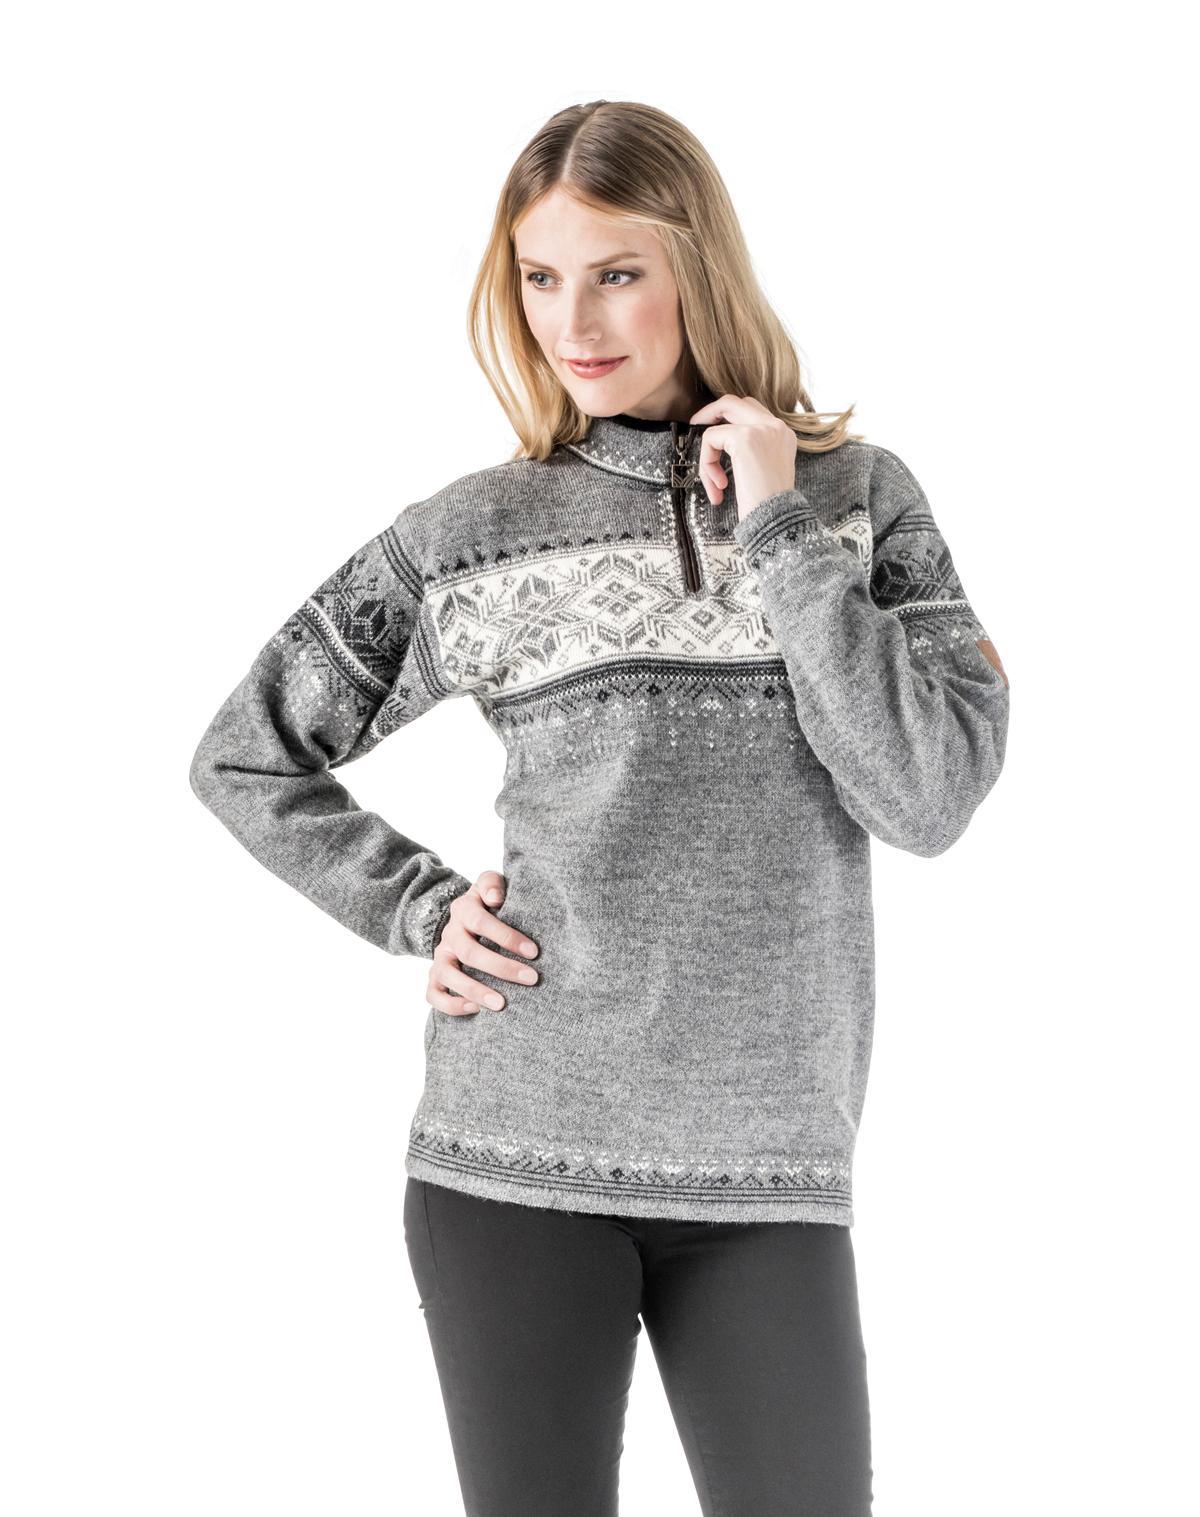 Blyfjell sweater